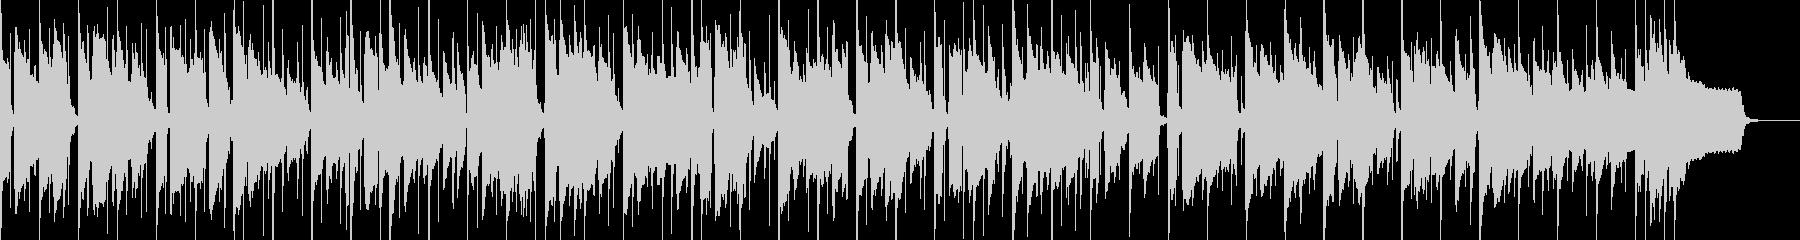 切ないサックスとゆったりした伴奏のポップの未再生の波形